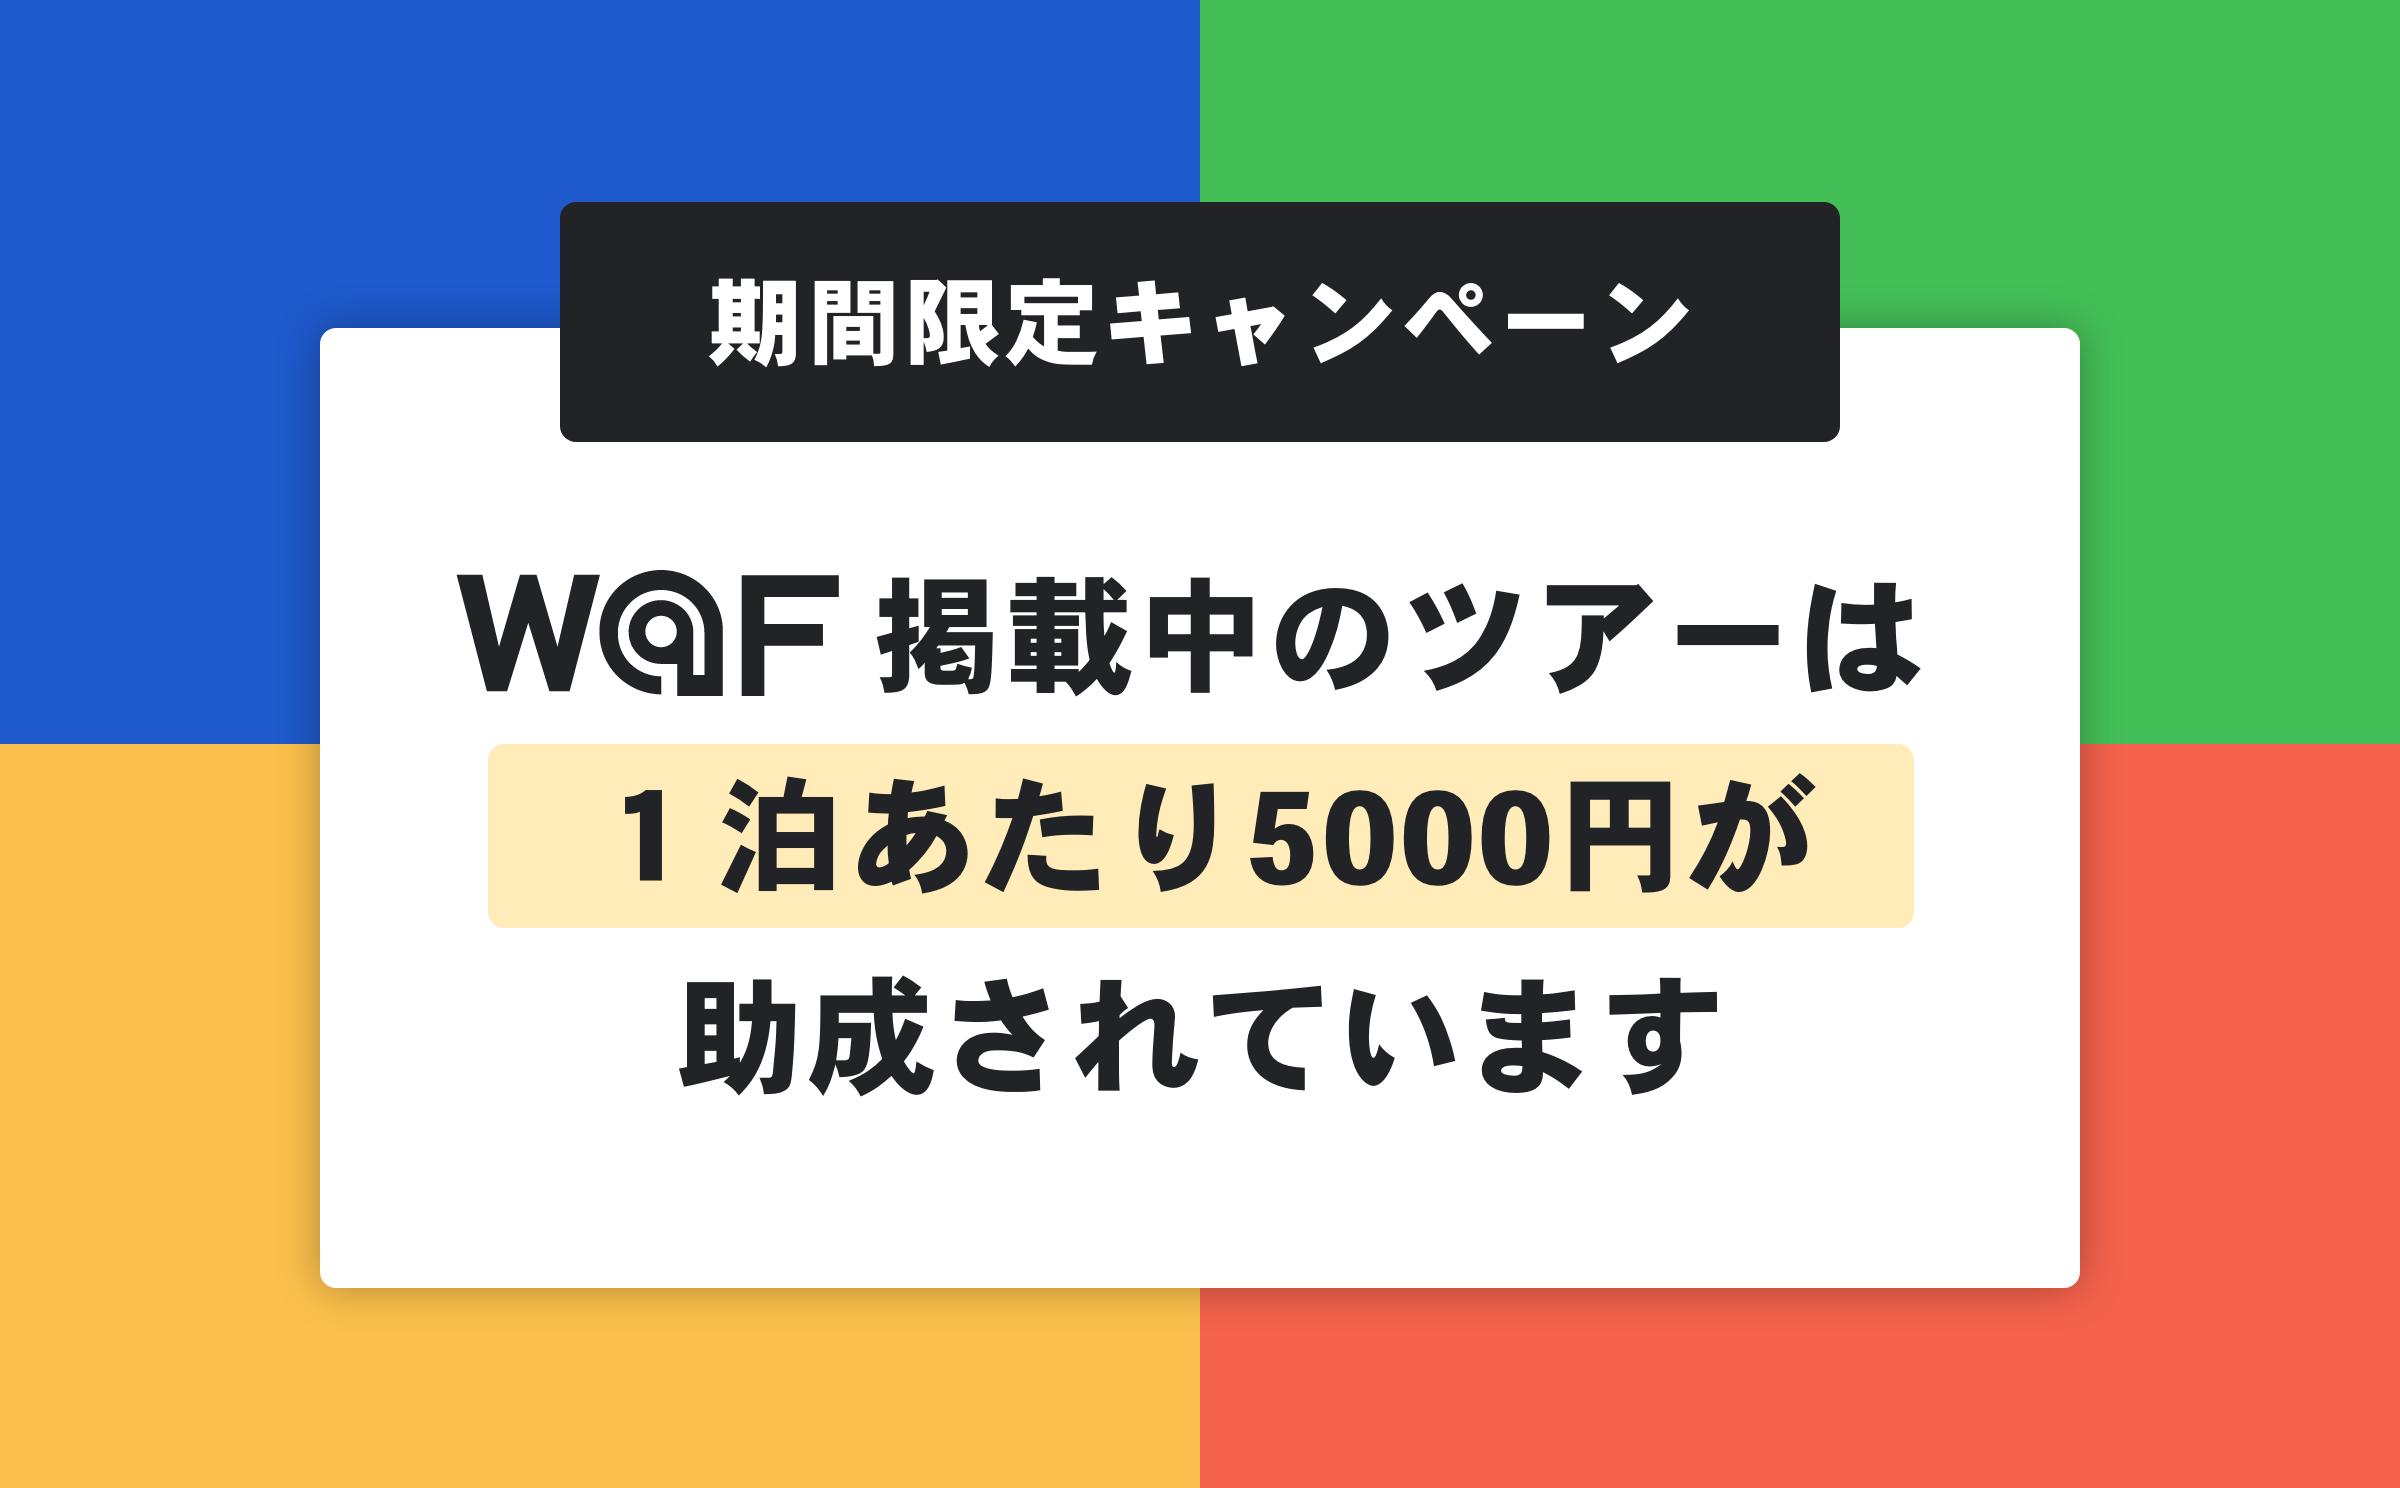 期間限定キャンペーン   W@F(ワフ)に掲載中のツアーは、1泊あたり5000円が助成されています